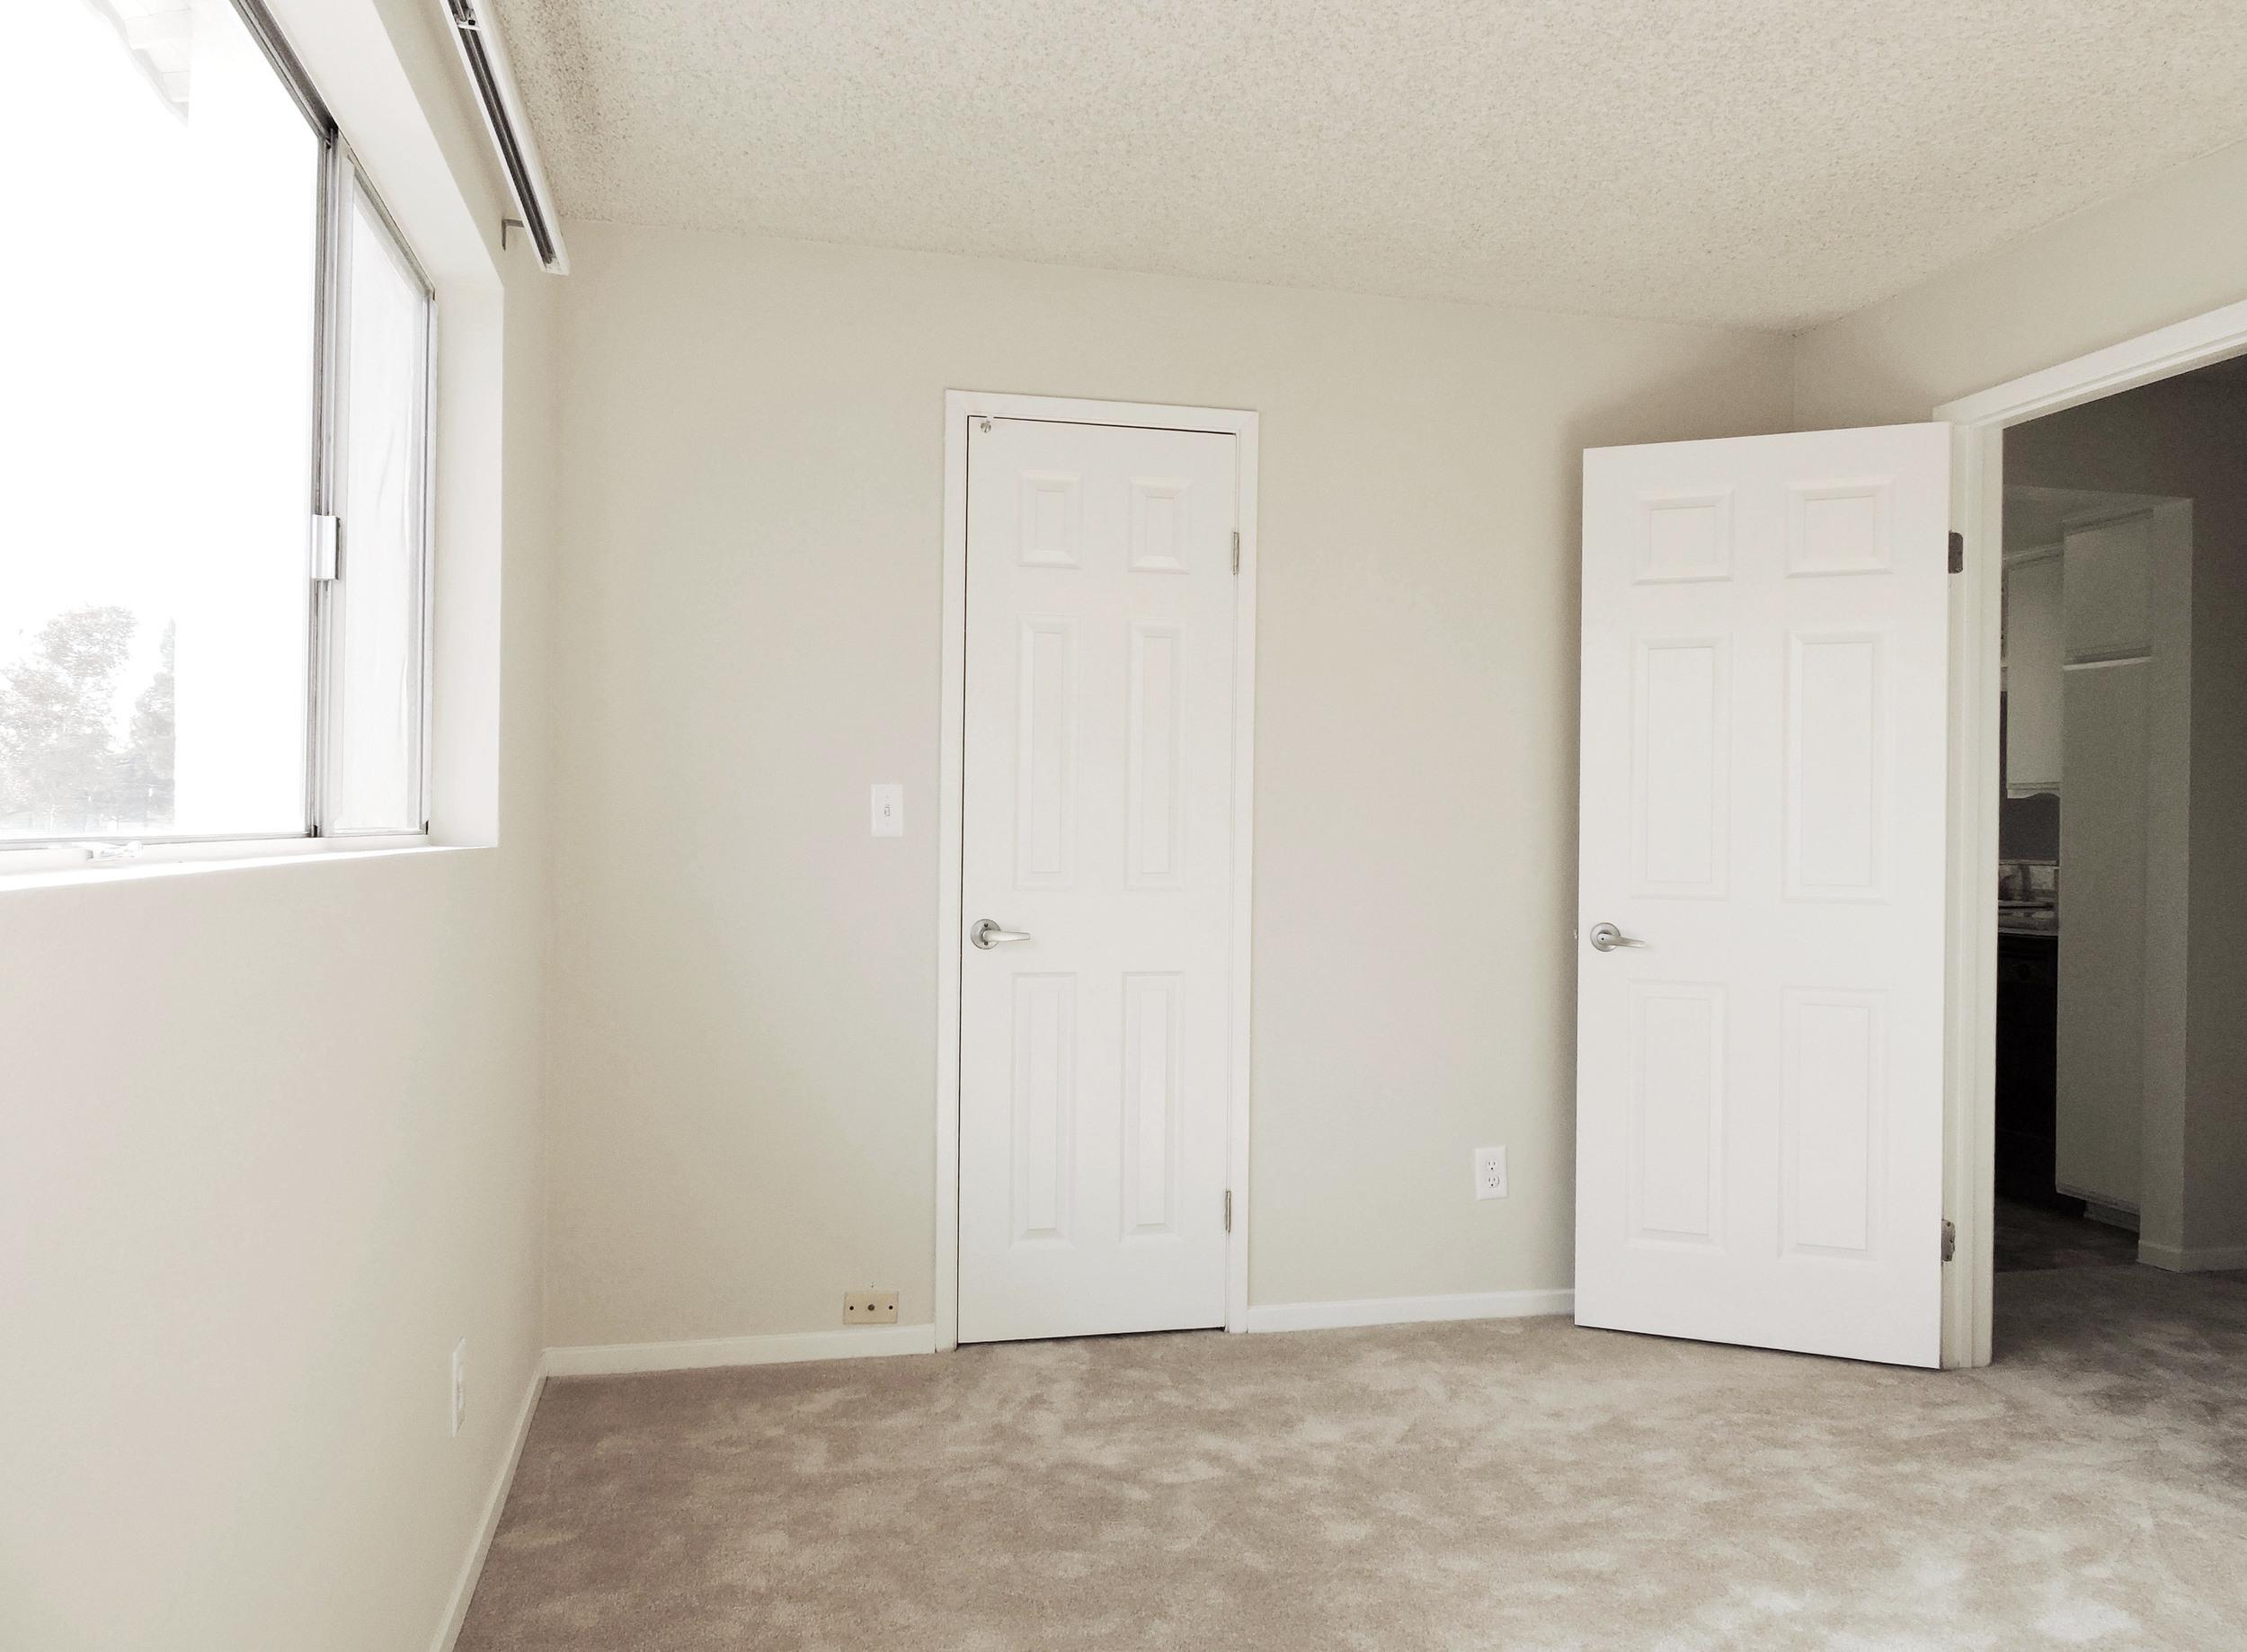 233 2nd bedroom.jpg